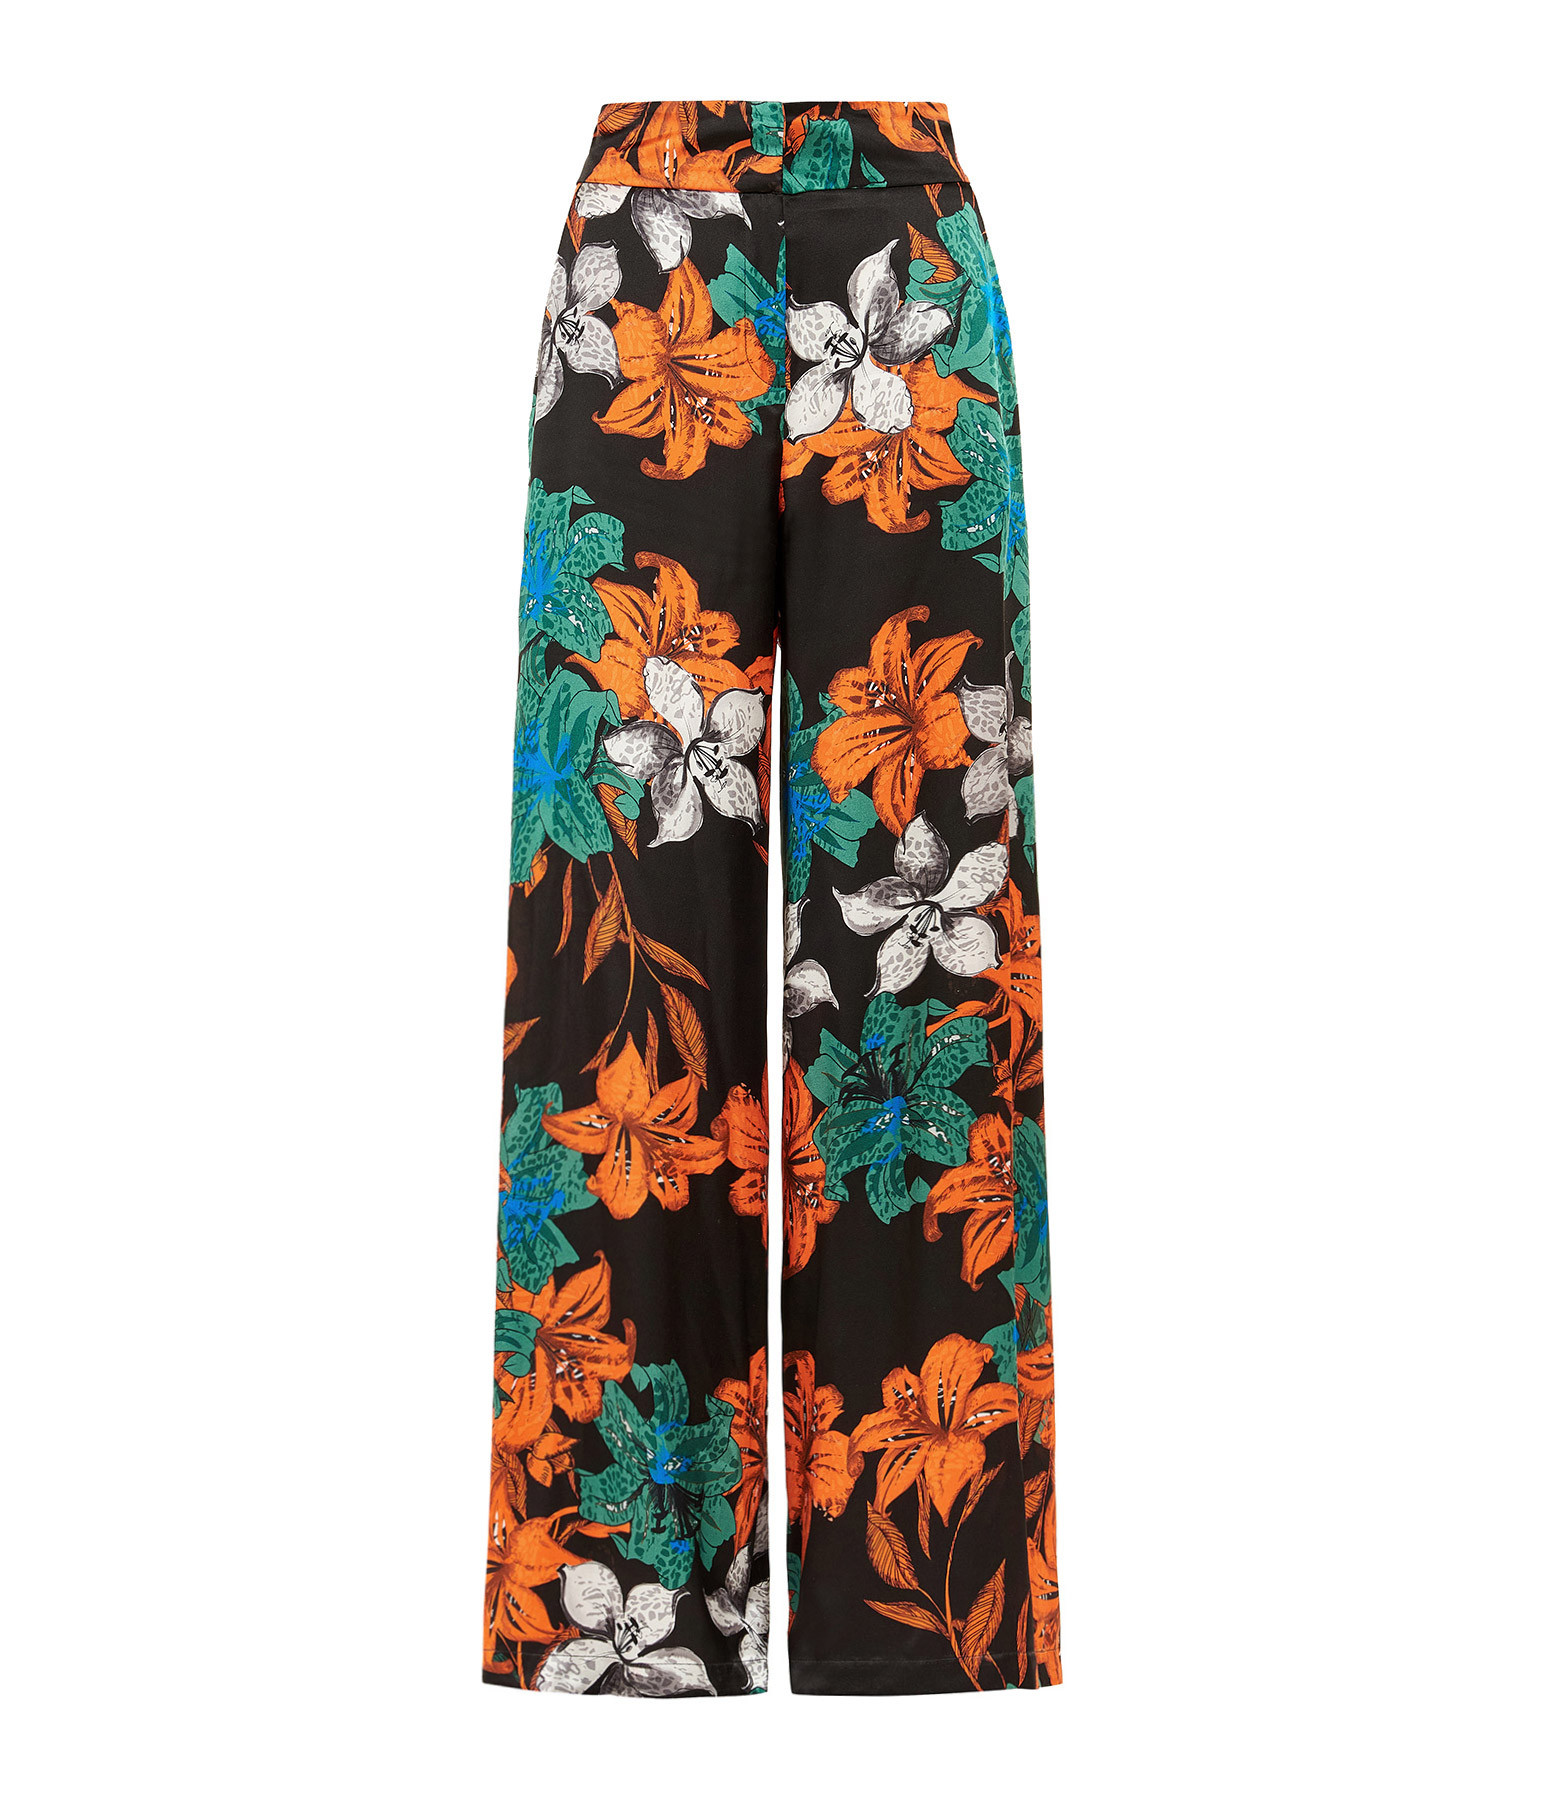 OUD - Pantalon Morgane Soie Imprimé Floral